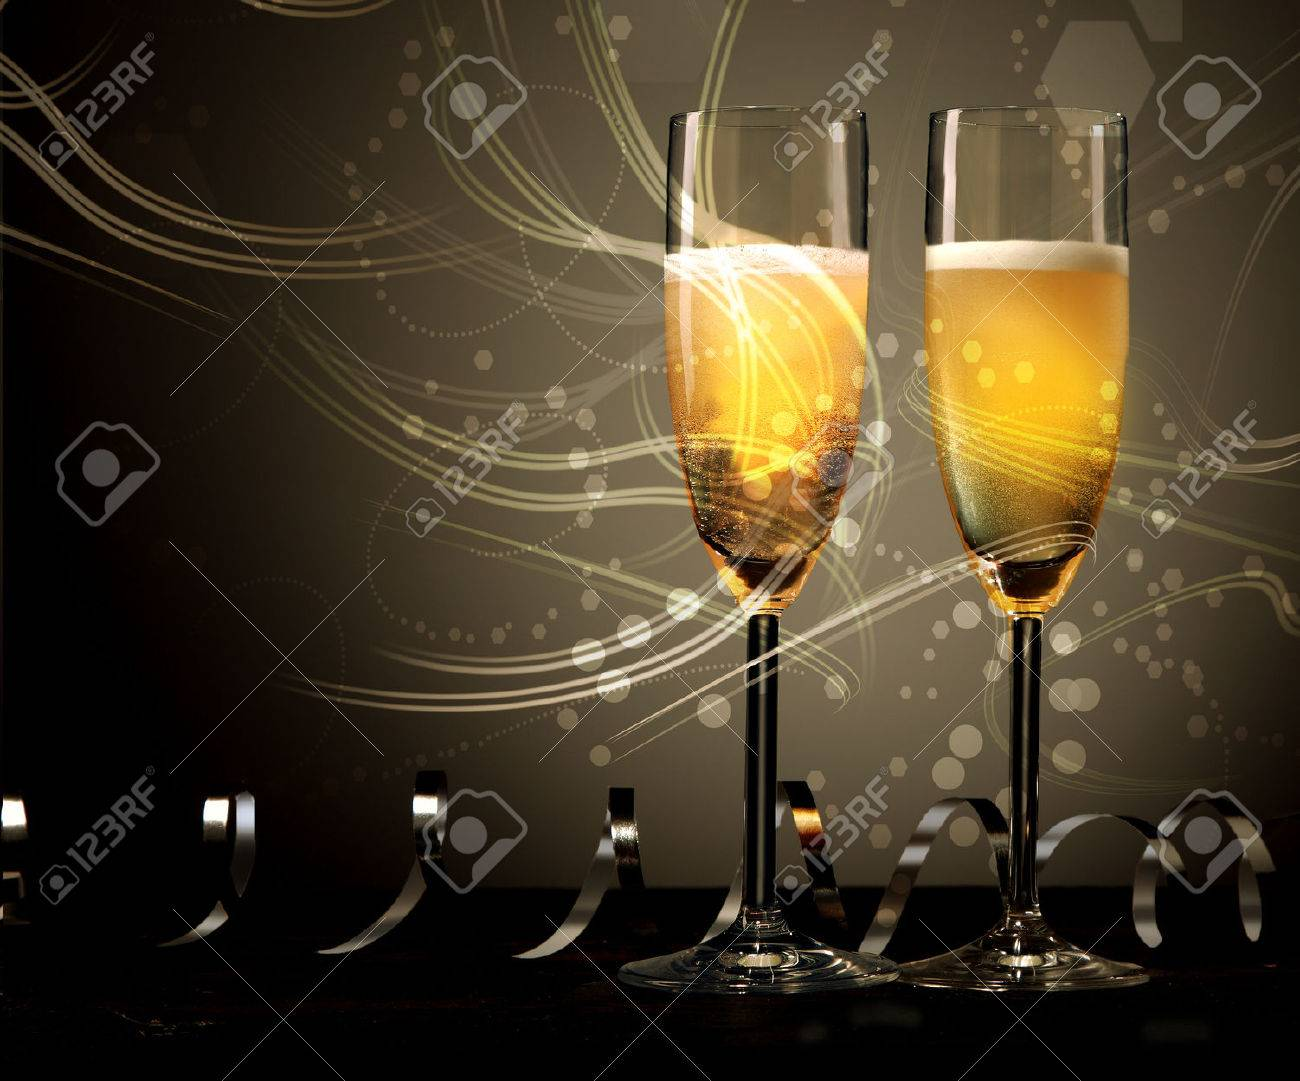 Nouvel An Mariage Ou Un Anniversaire Fond De Deux Flûtes De Champagne élégantes Avec La Lumière Tourbillonnante Et Tournoyé Des Serpentins Ou